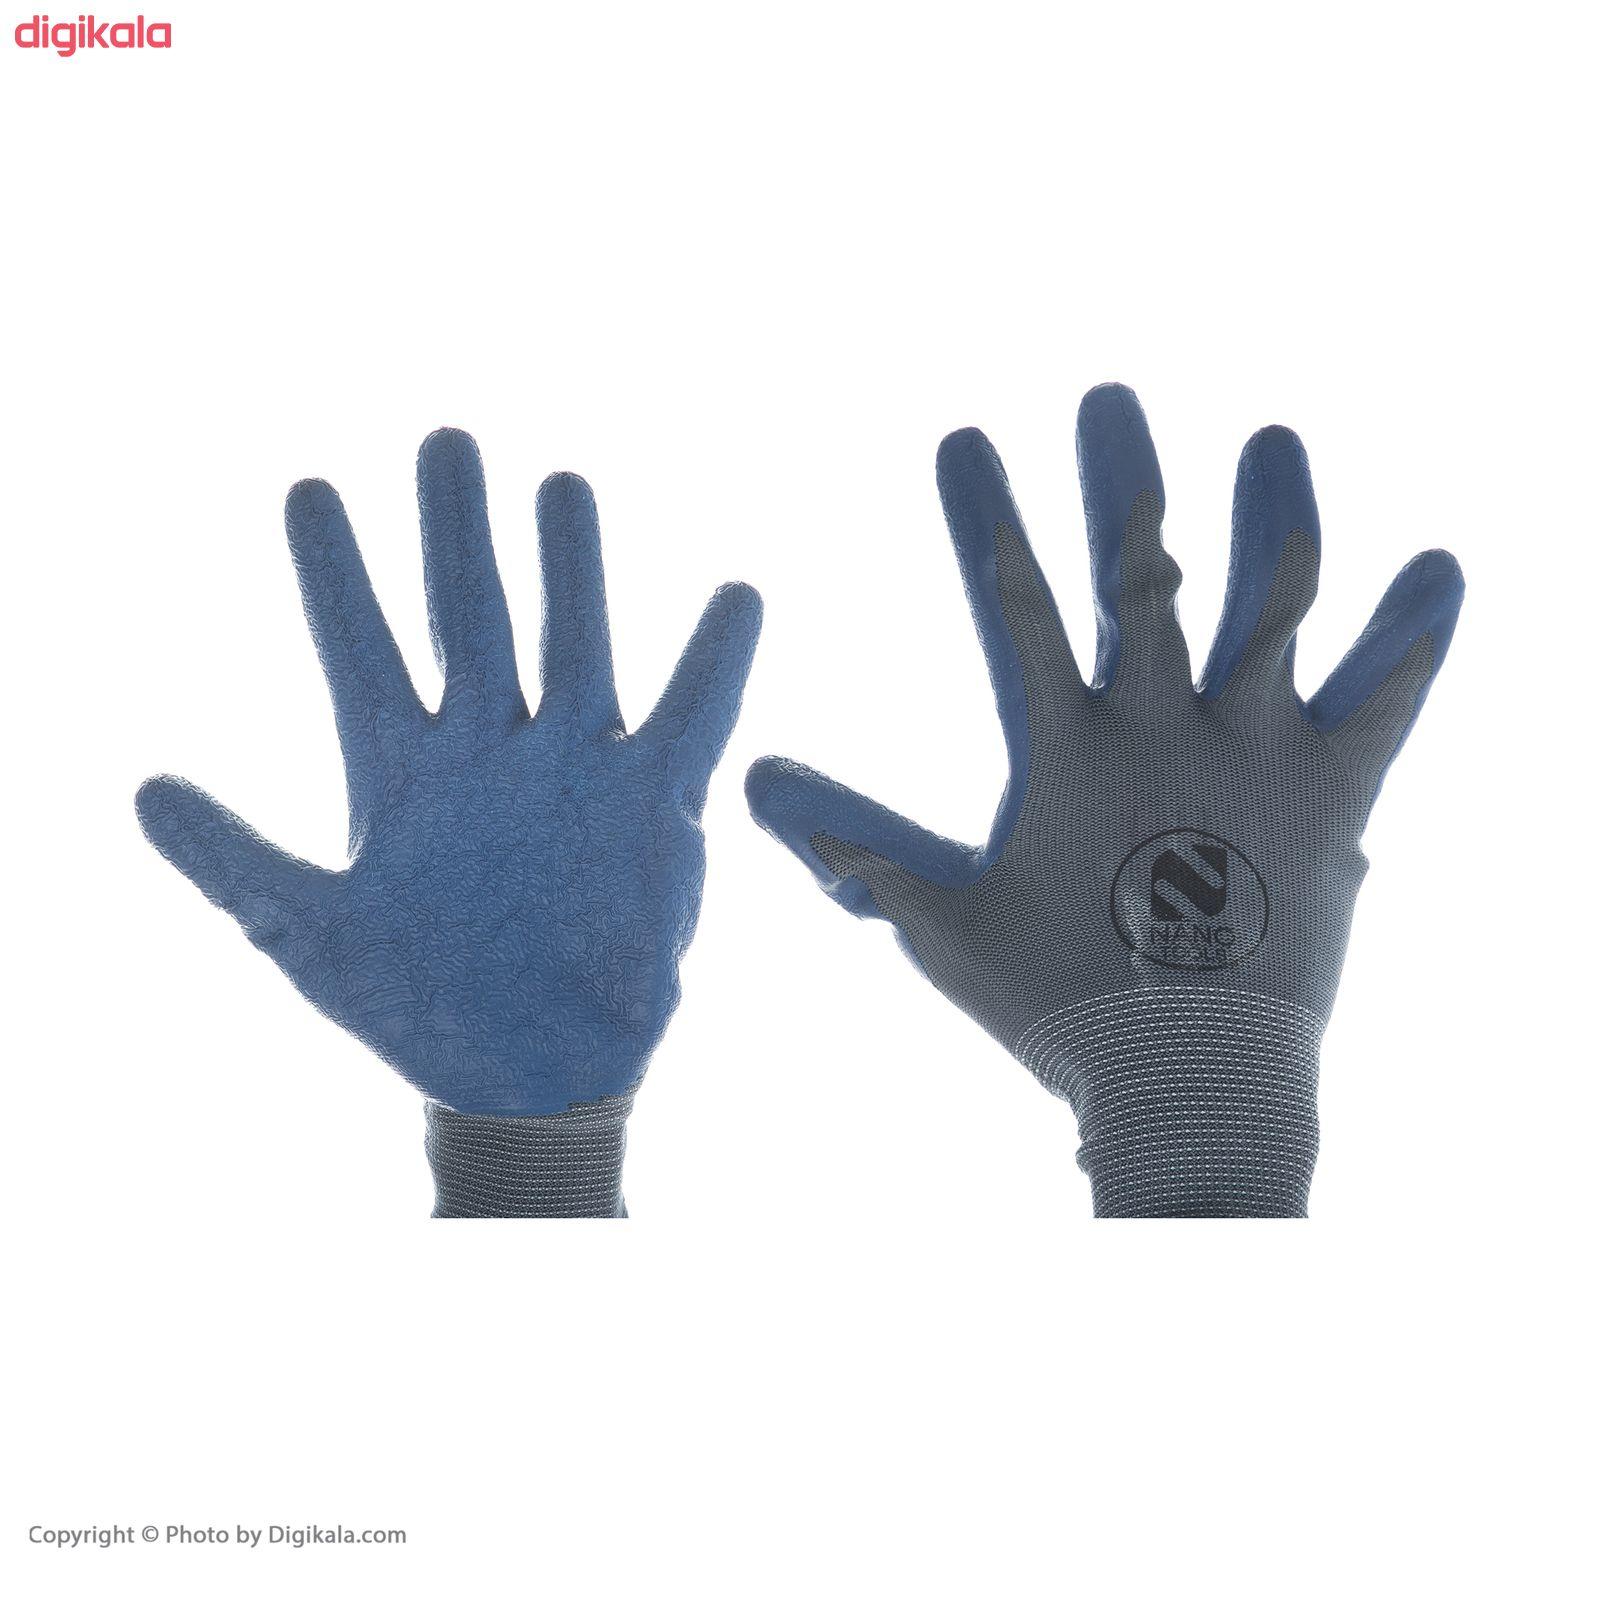 دستکش ایمنی نانو تولز کد 01 main 1 1